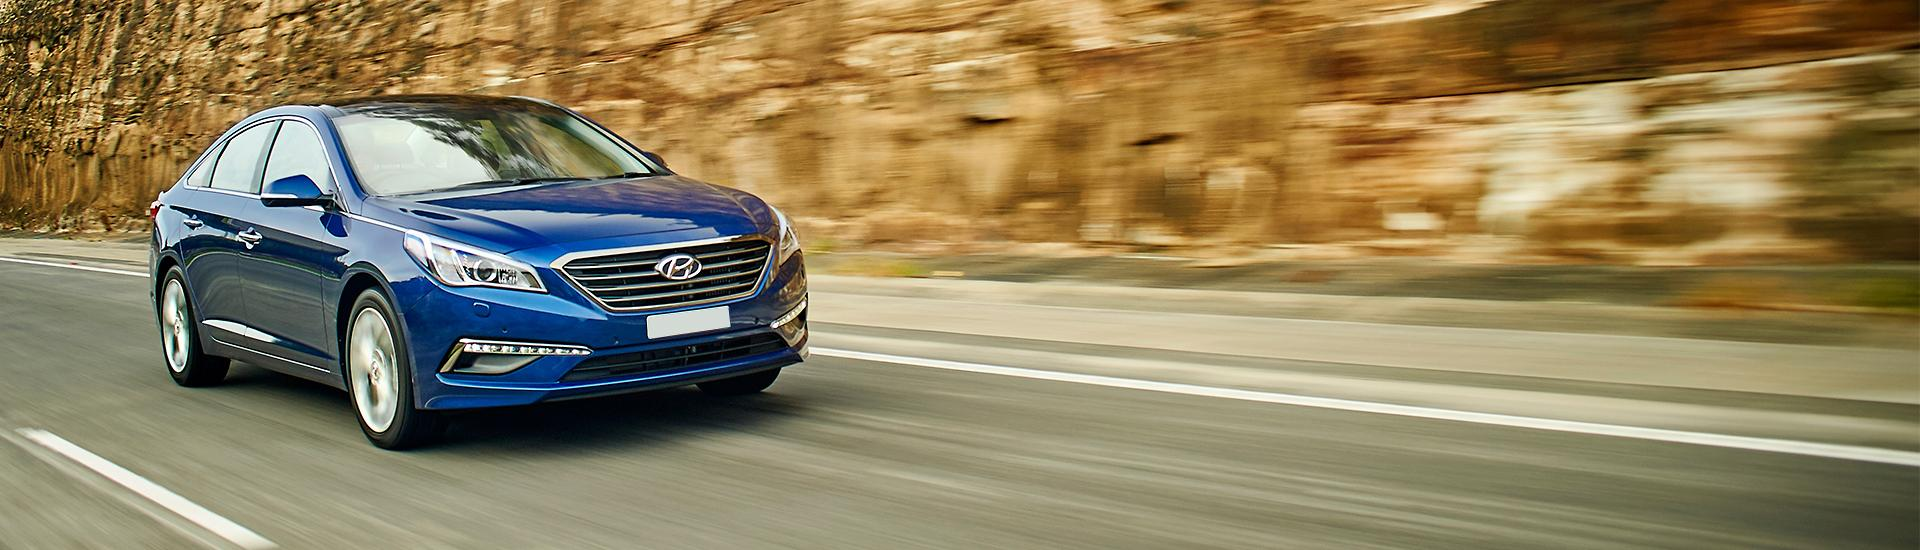 New Hyundai Sonata Sedan Cars For Sale - carsales.com.au